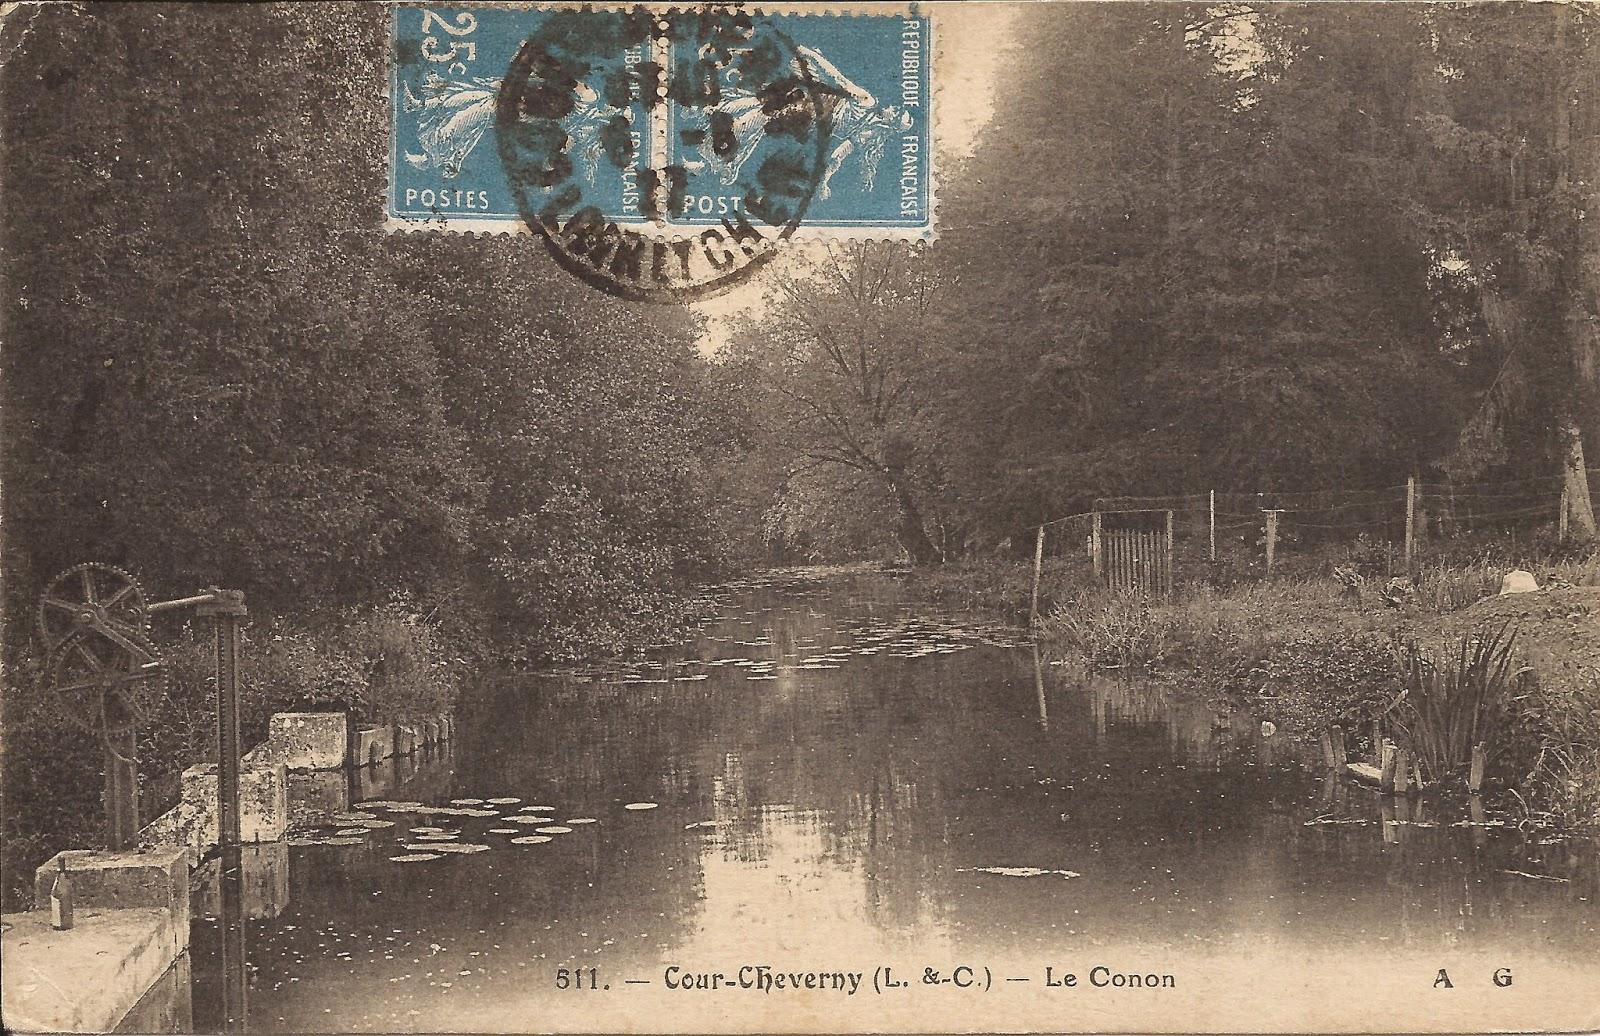 Le Conon - Cour-Cheverny